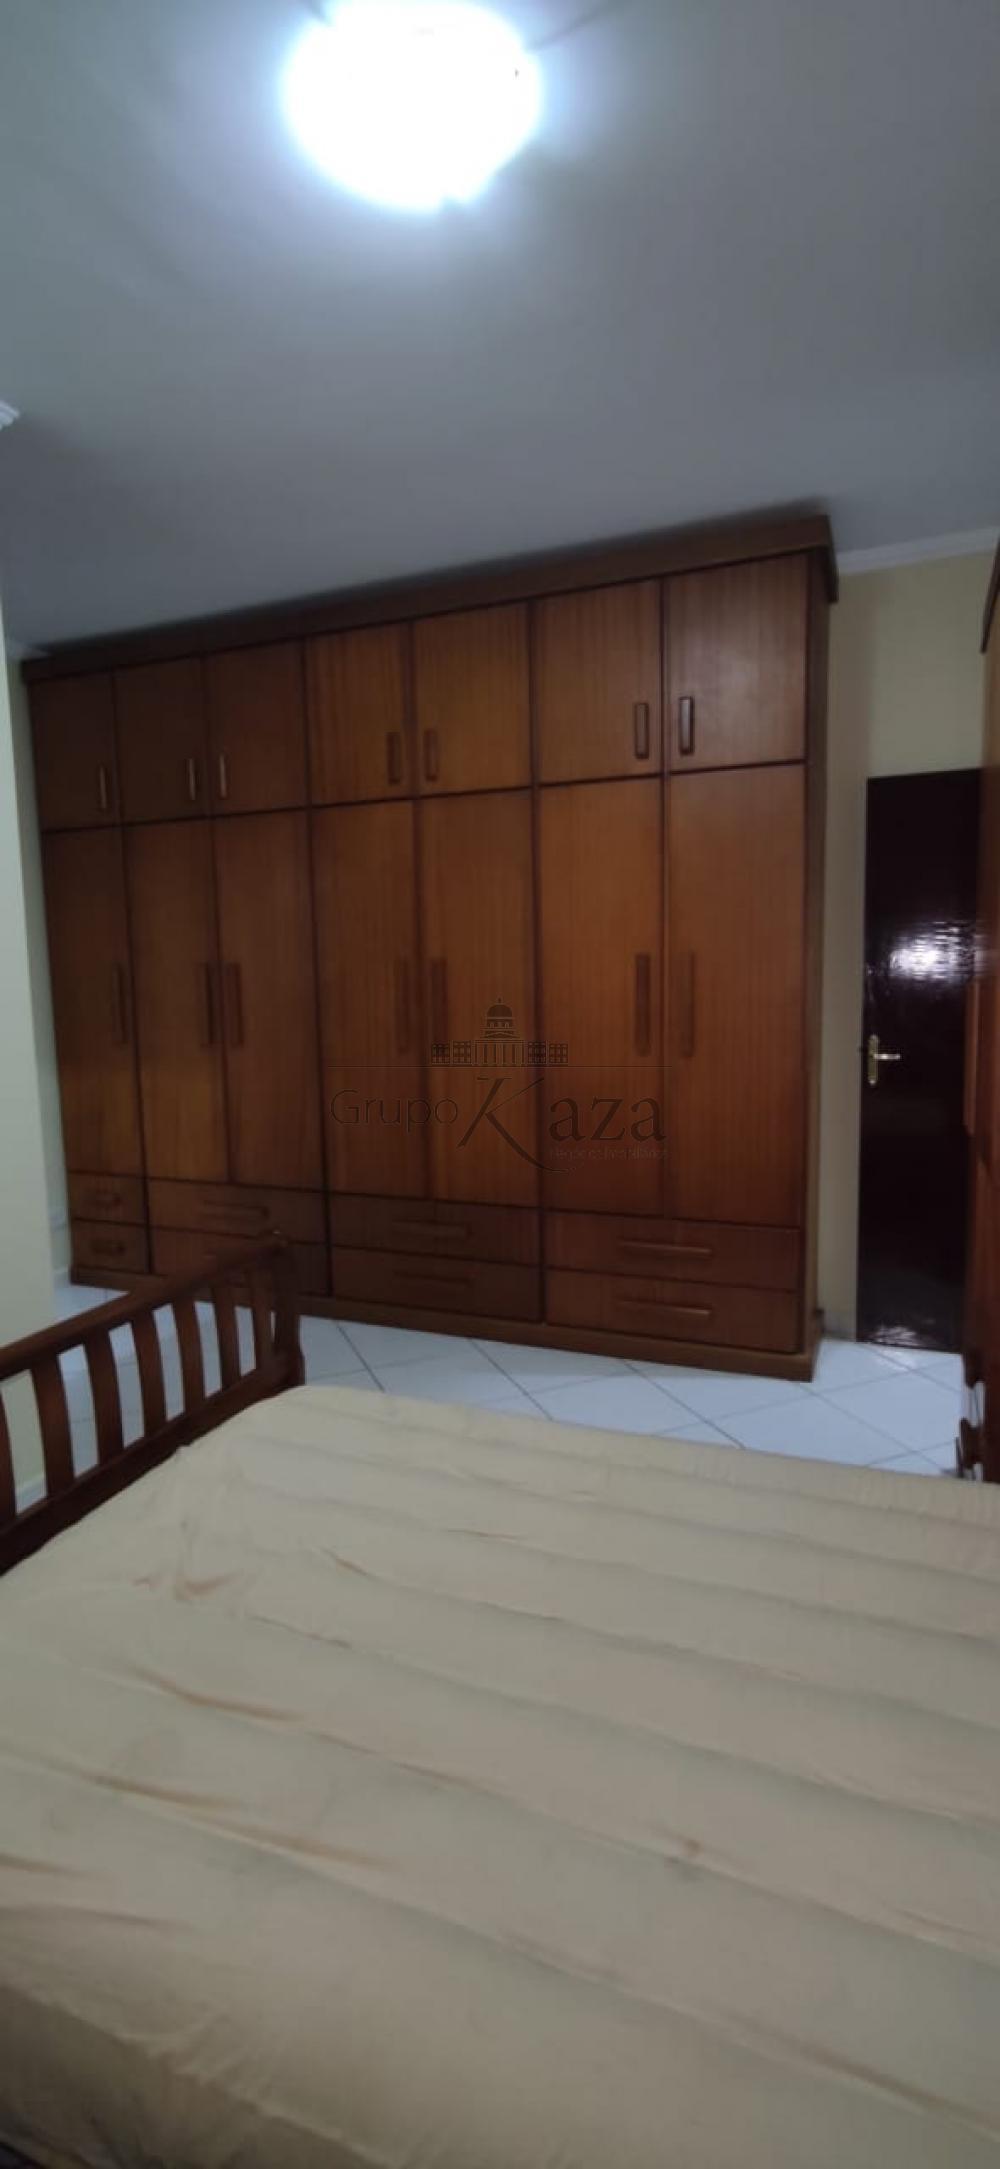 alt='Comprar Casa / Sobrado em São José dos Campos R$ 430.000,00 - Foto 19' title='Comprar Casa / Sobrado em São José dos Campos R$ 430.000,00 - Foto 19'